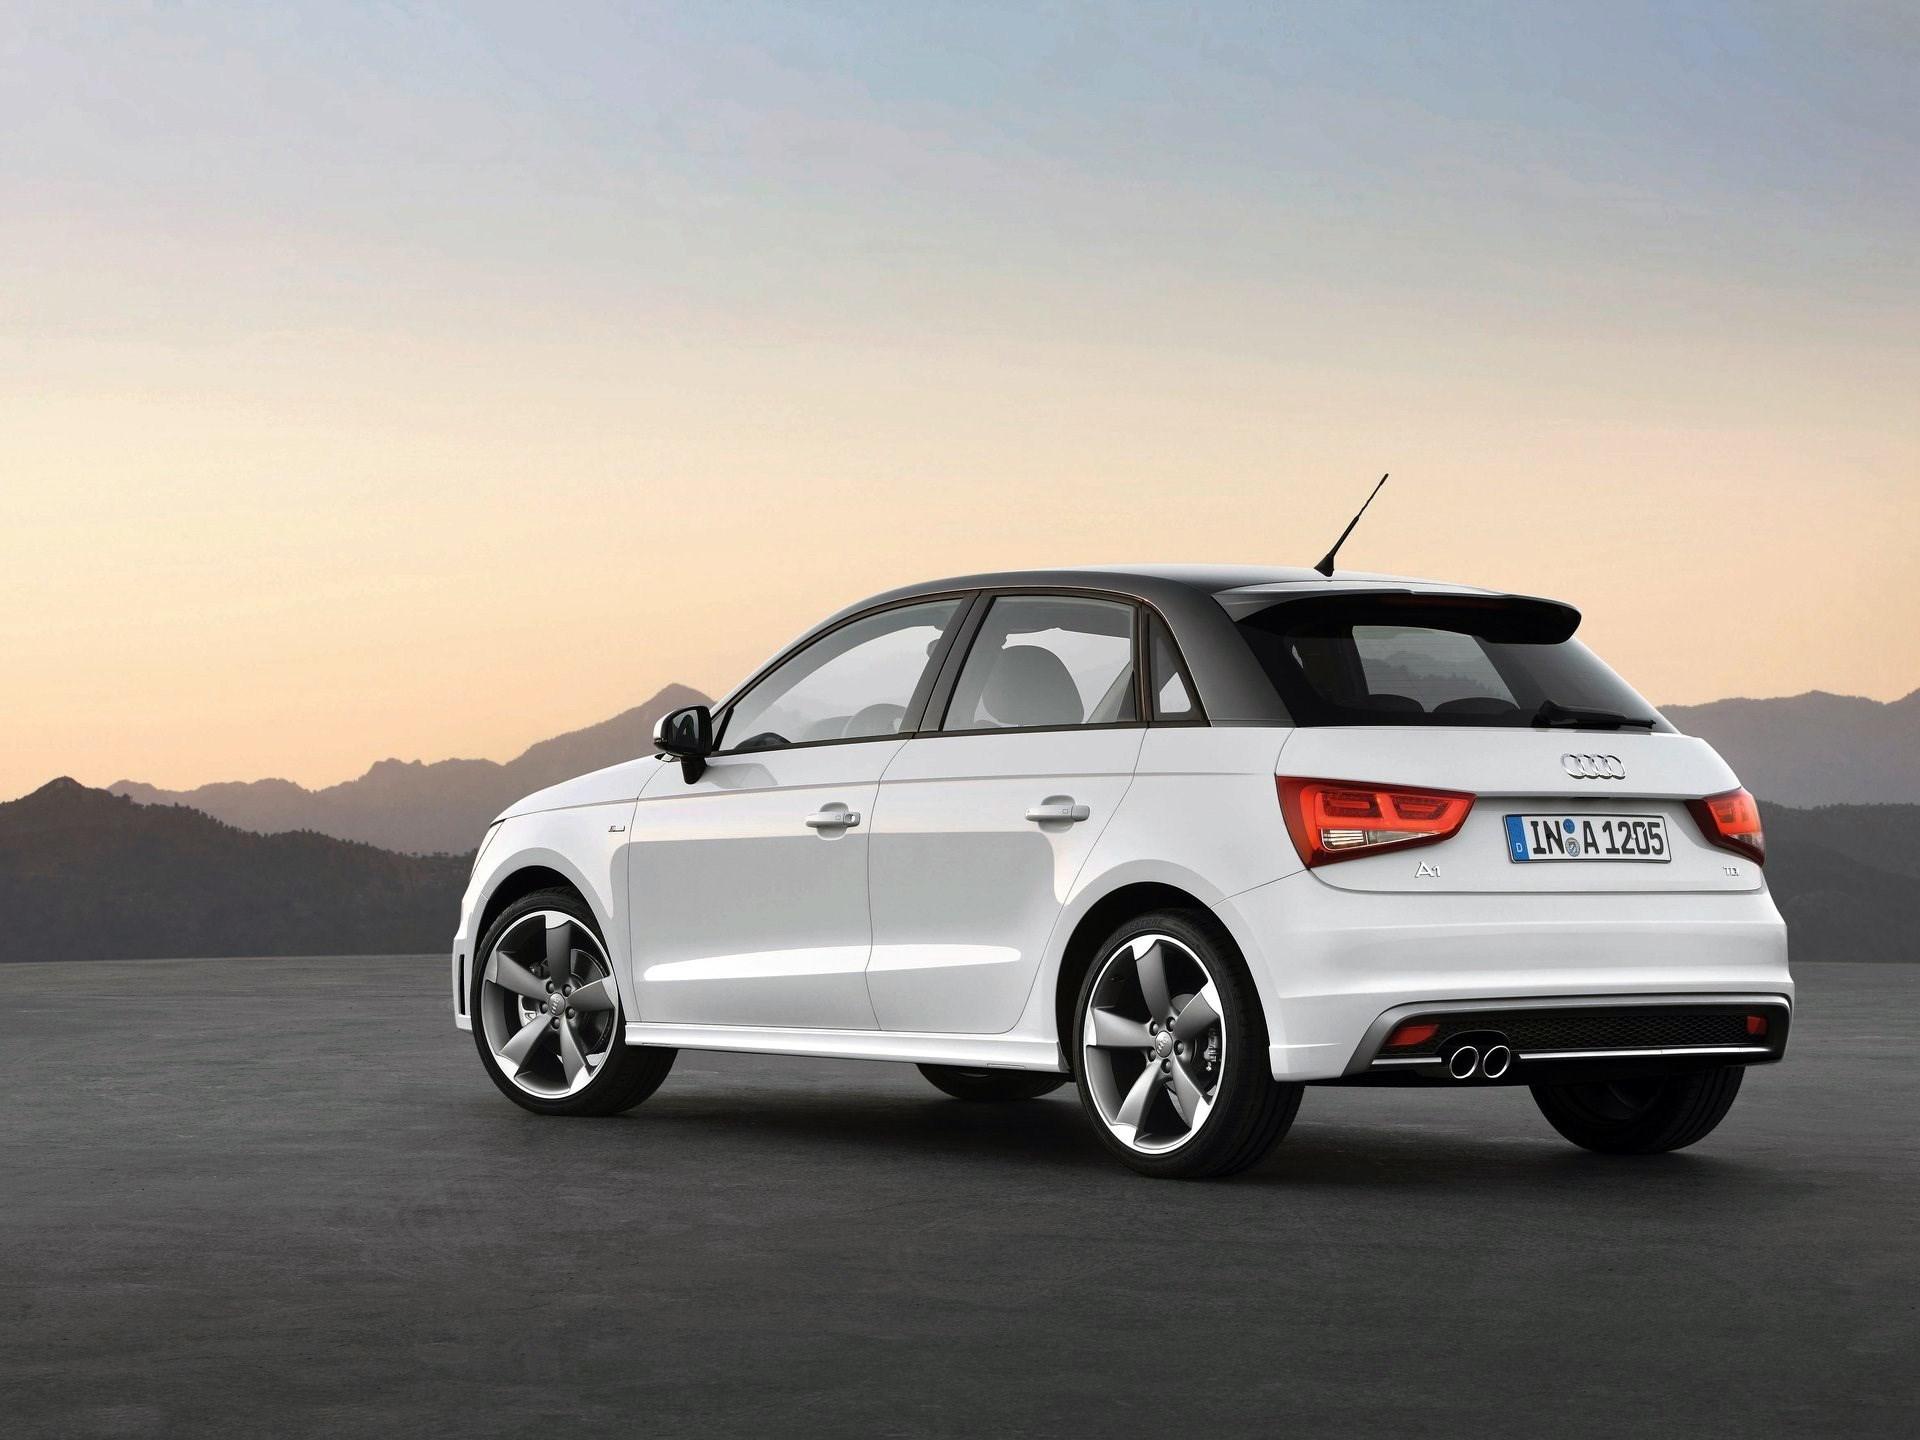 audi a1 neu 6 - Audi A1 neu bilder